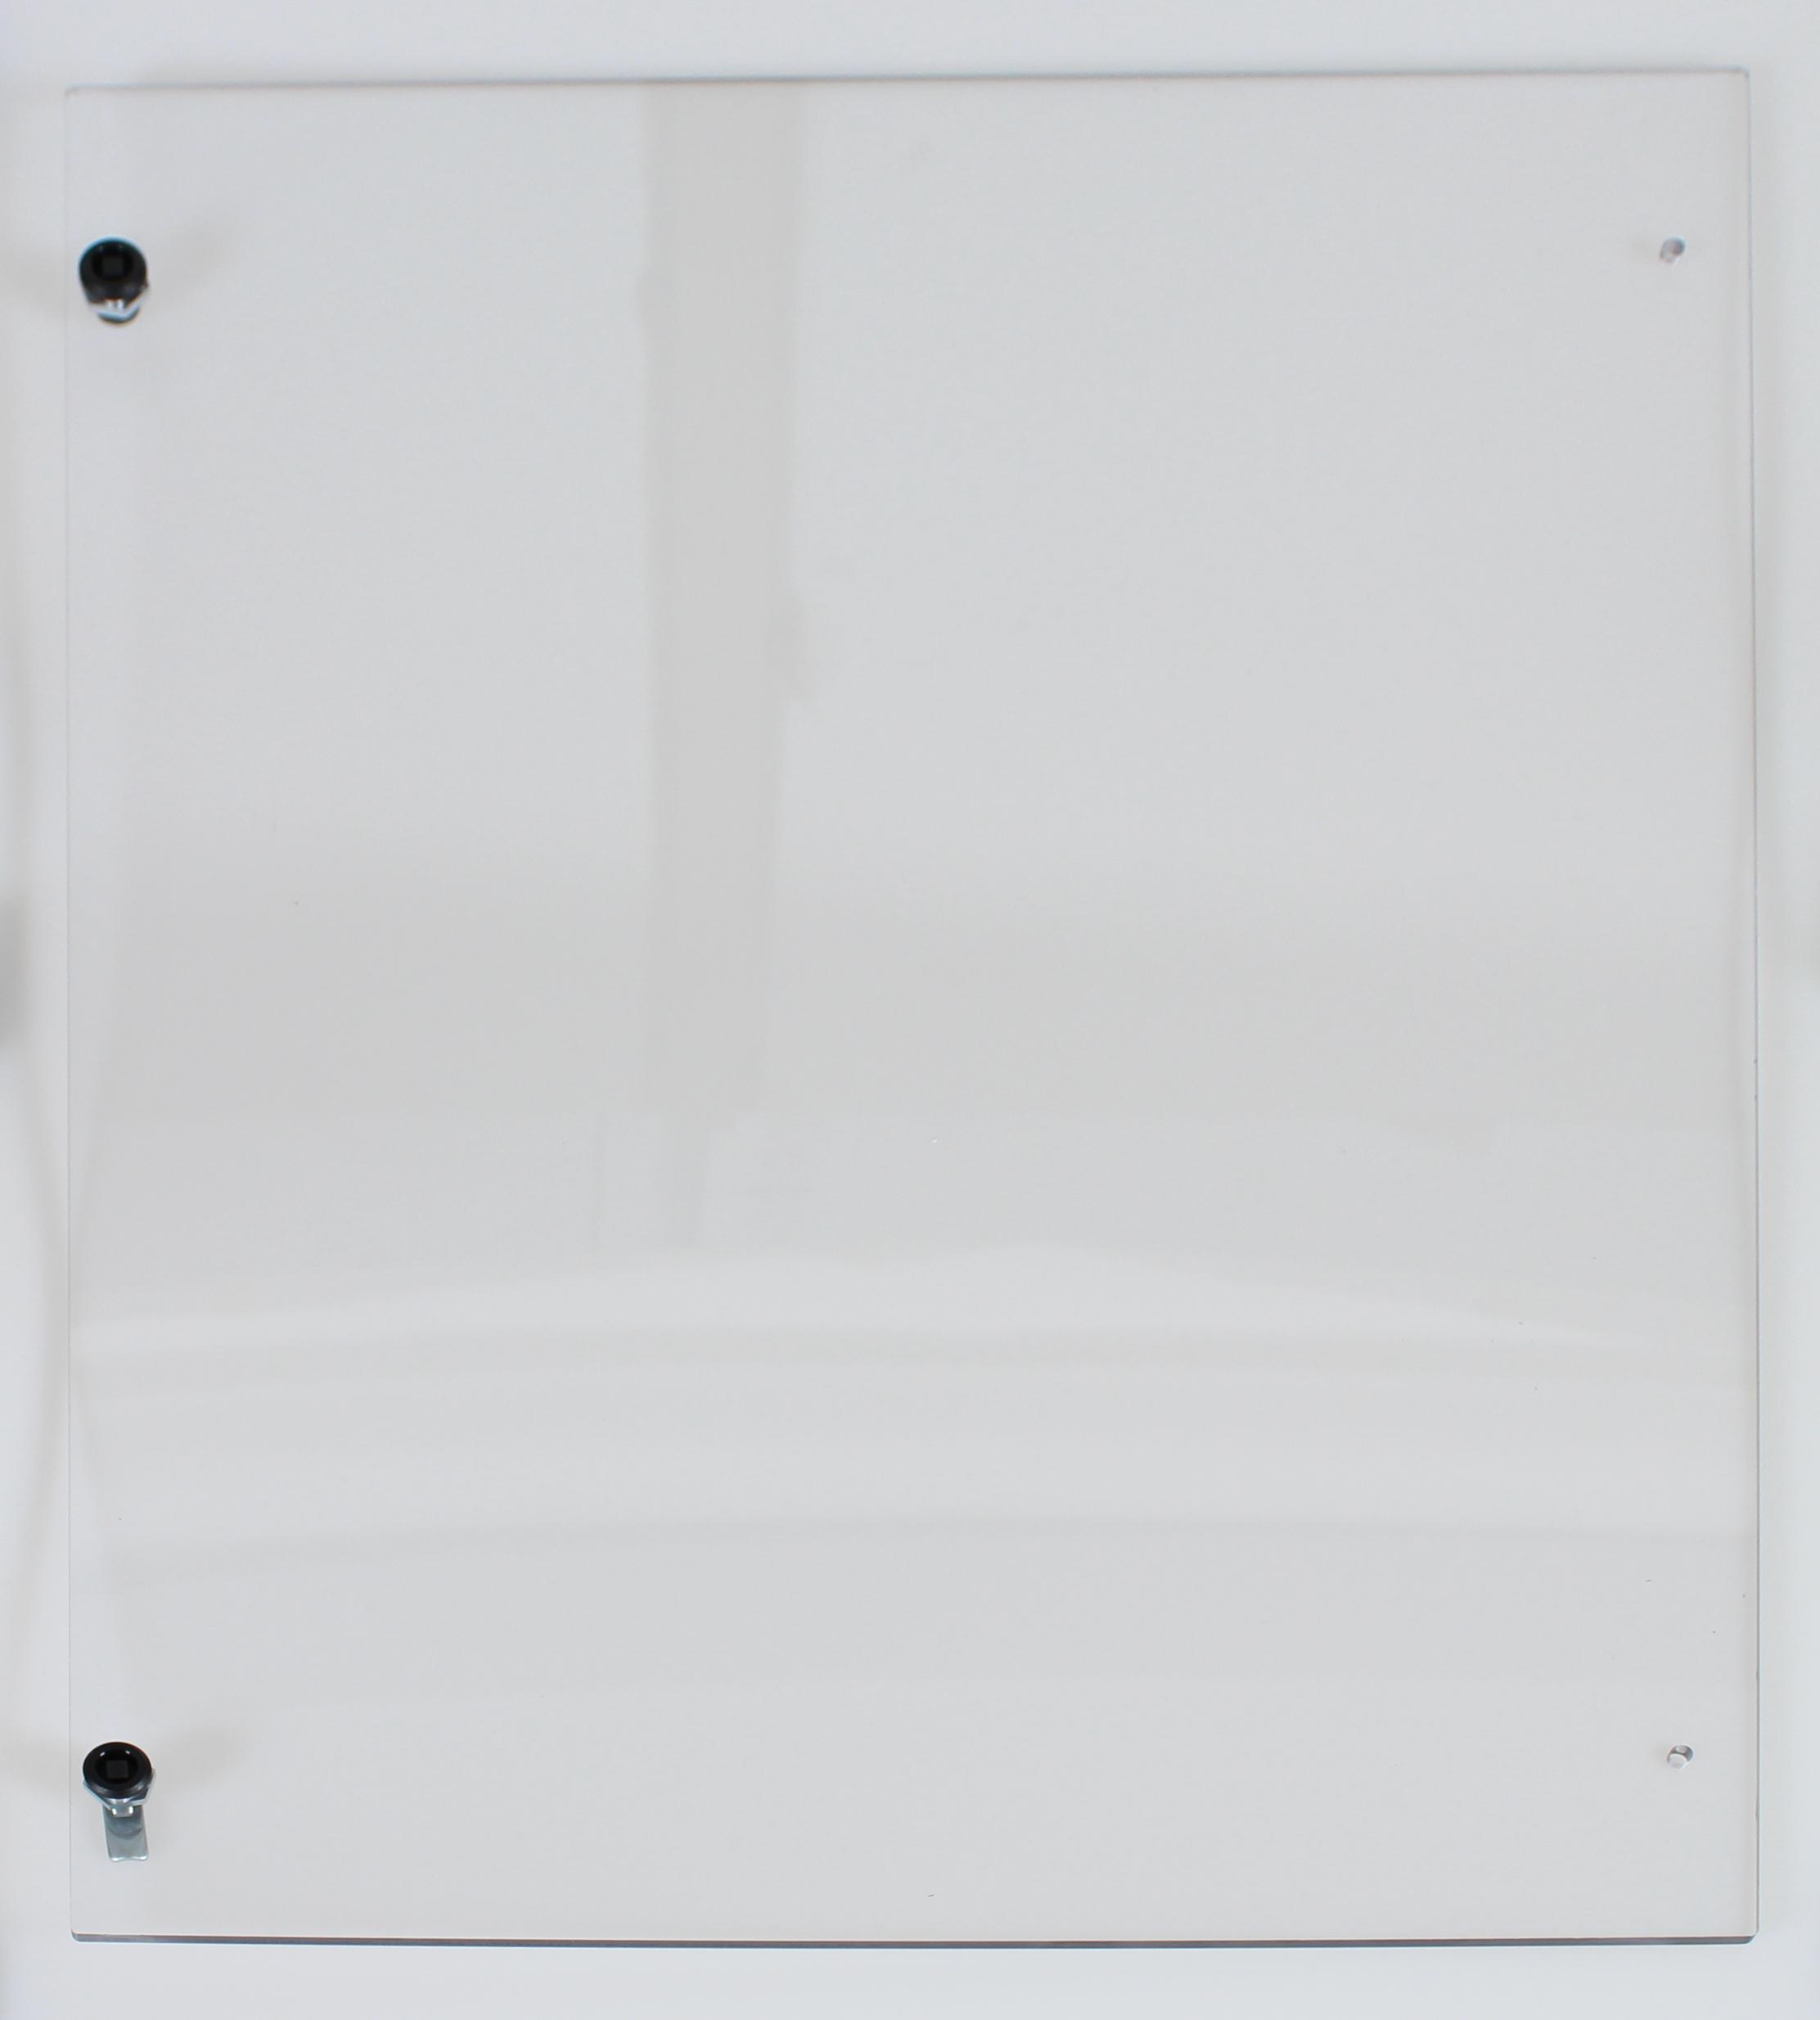 Polycarbonat Sichttür (BxH = 480x530mm) für Schrank H=1850mm